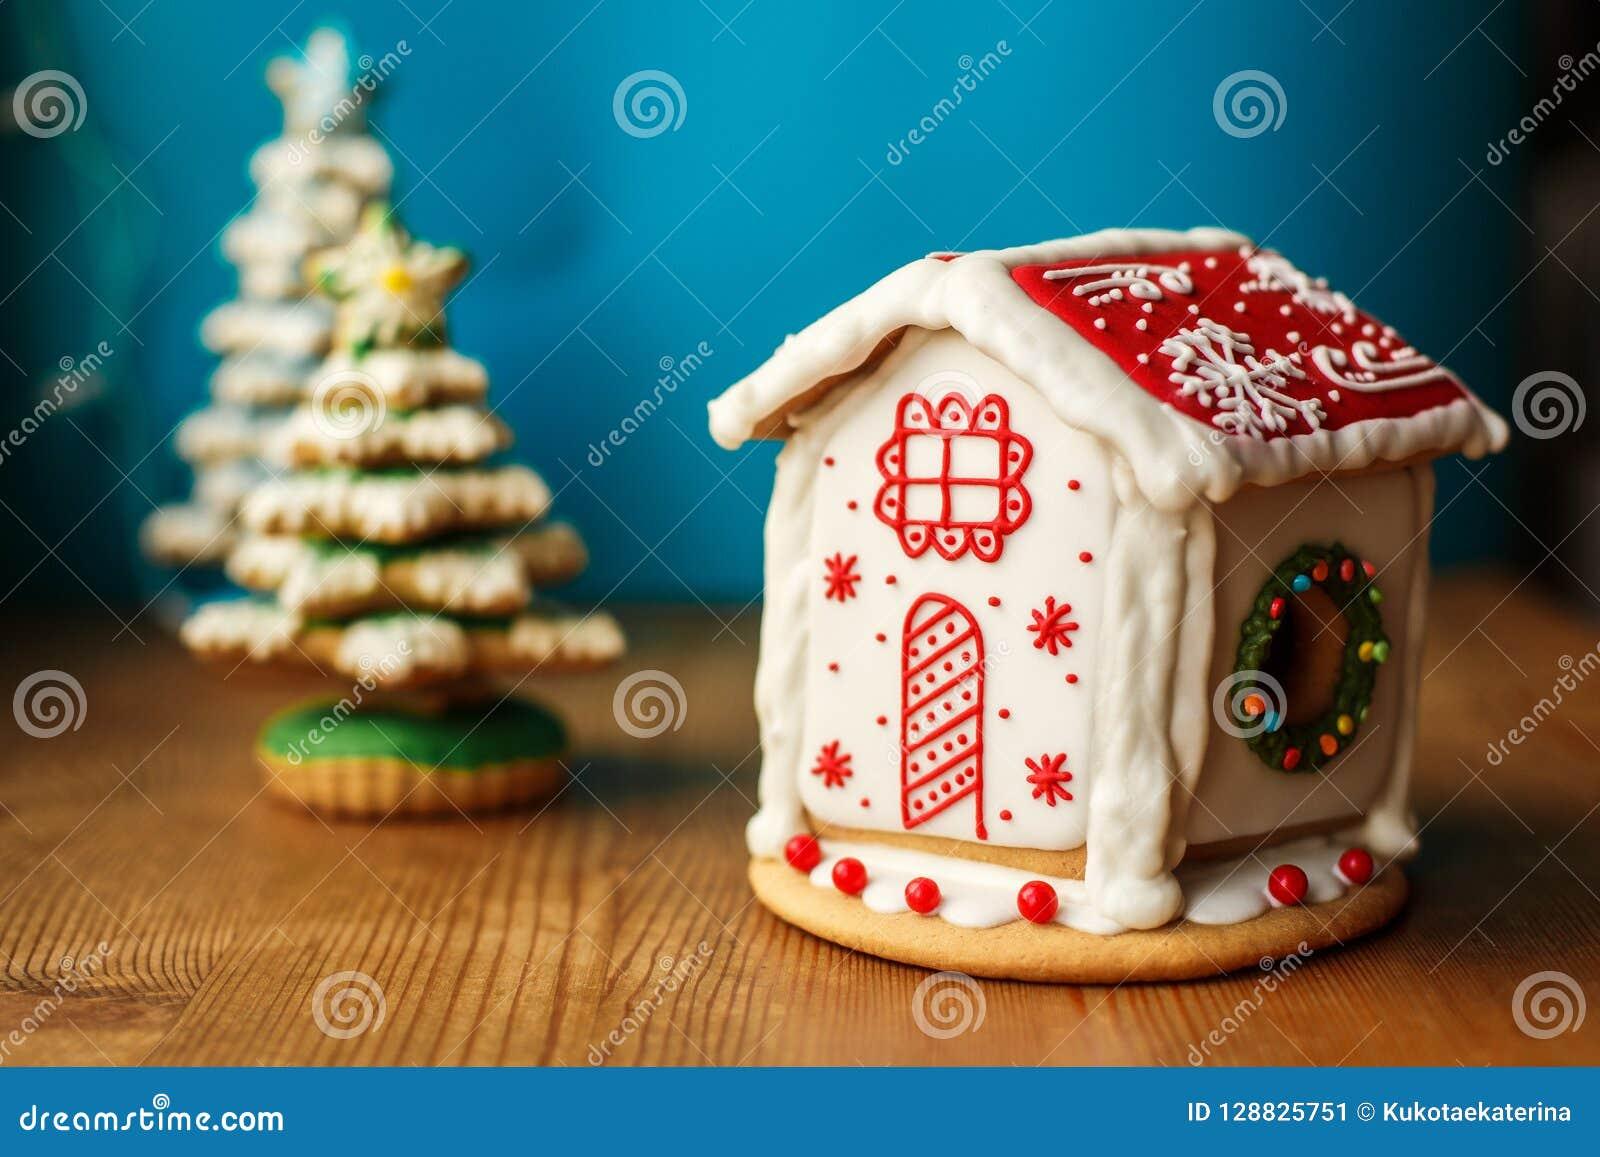 圣诞节姜饼曲奇饼议院 假日甜点 假日食物和装饰概念